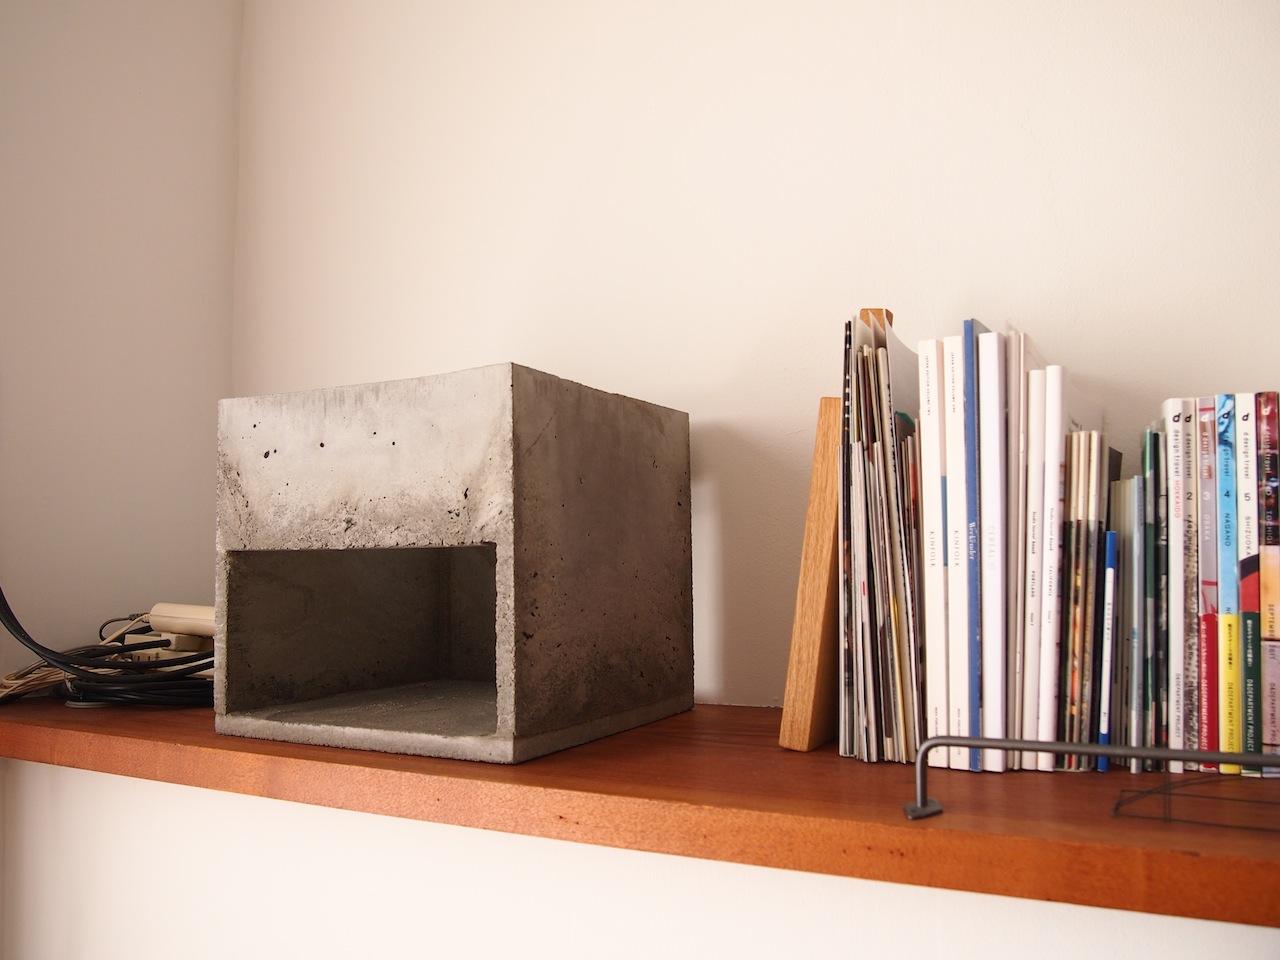 モルタルの箱と白い箱